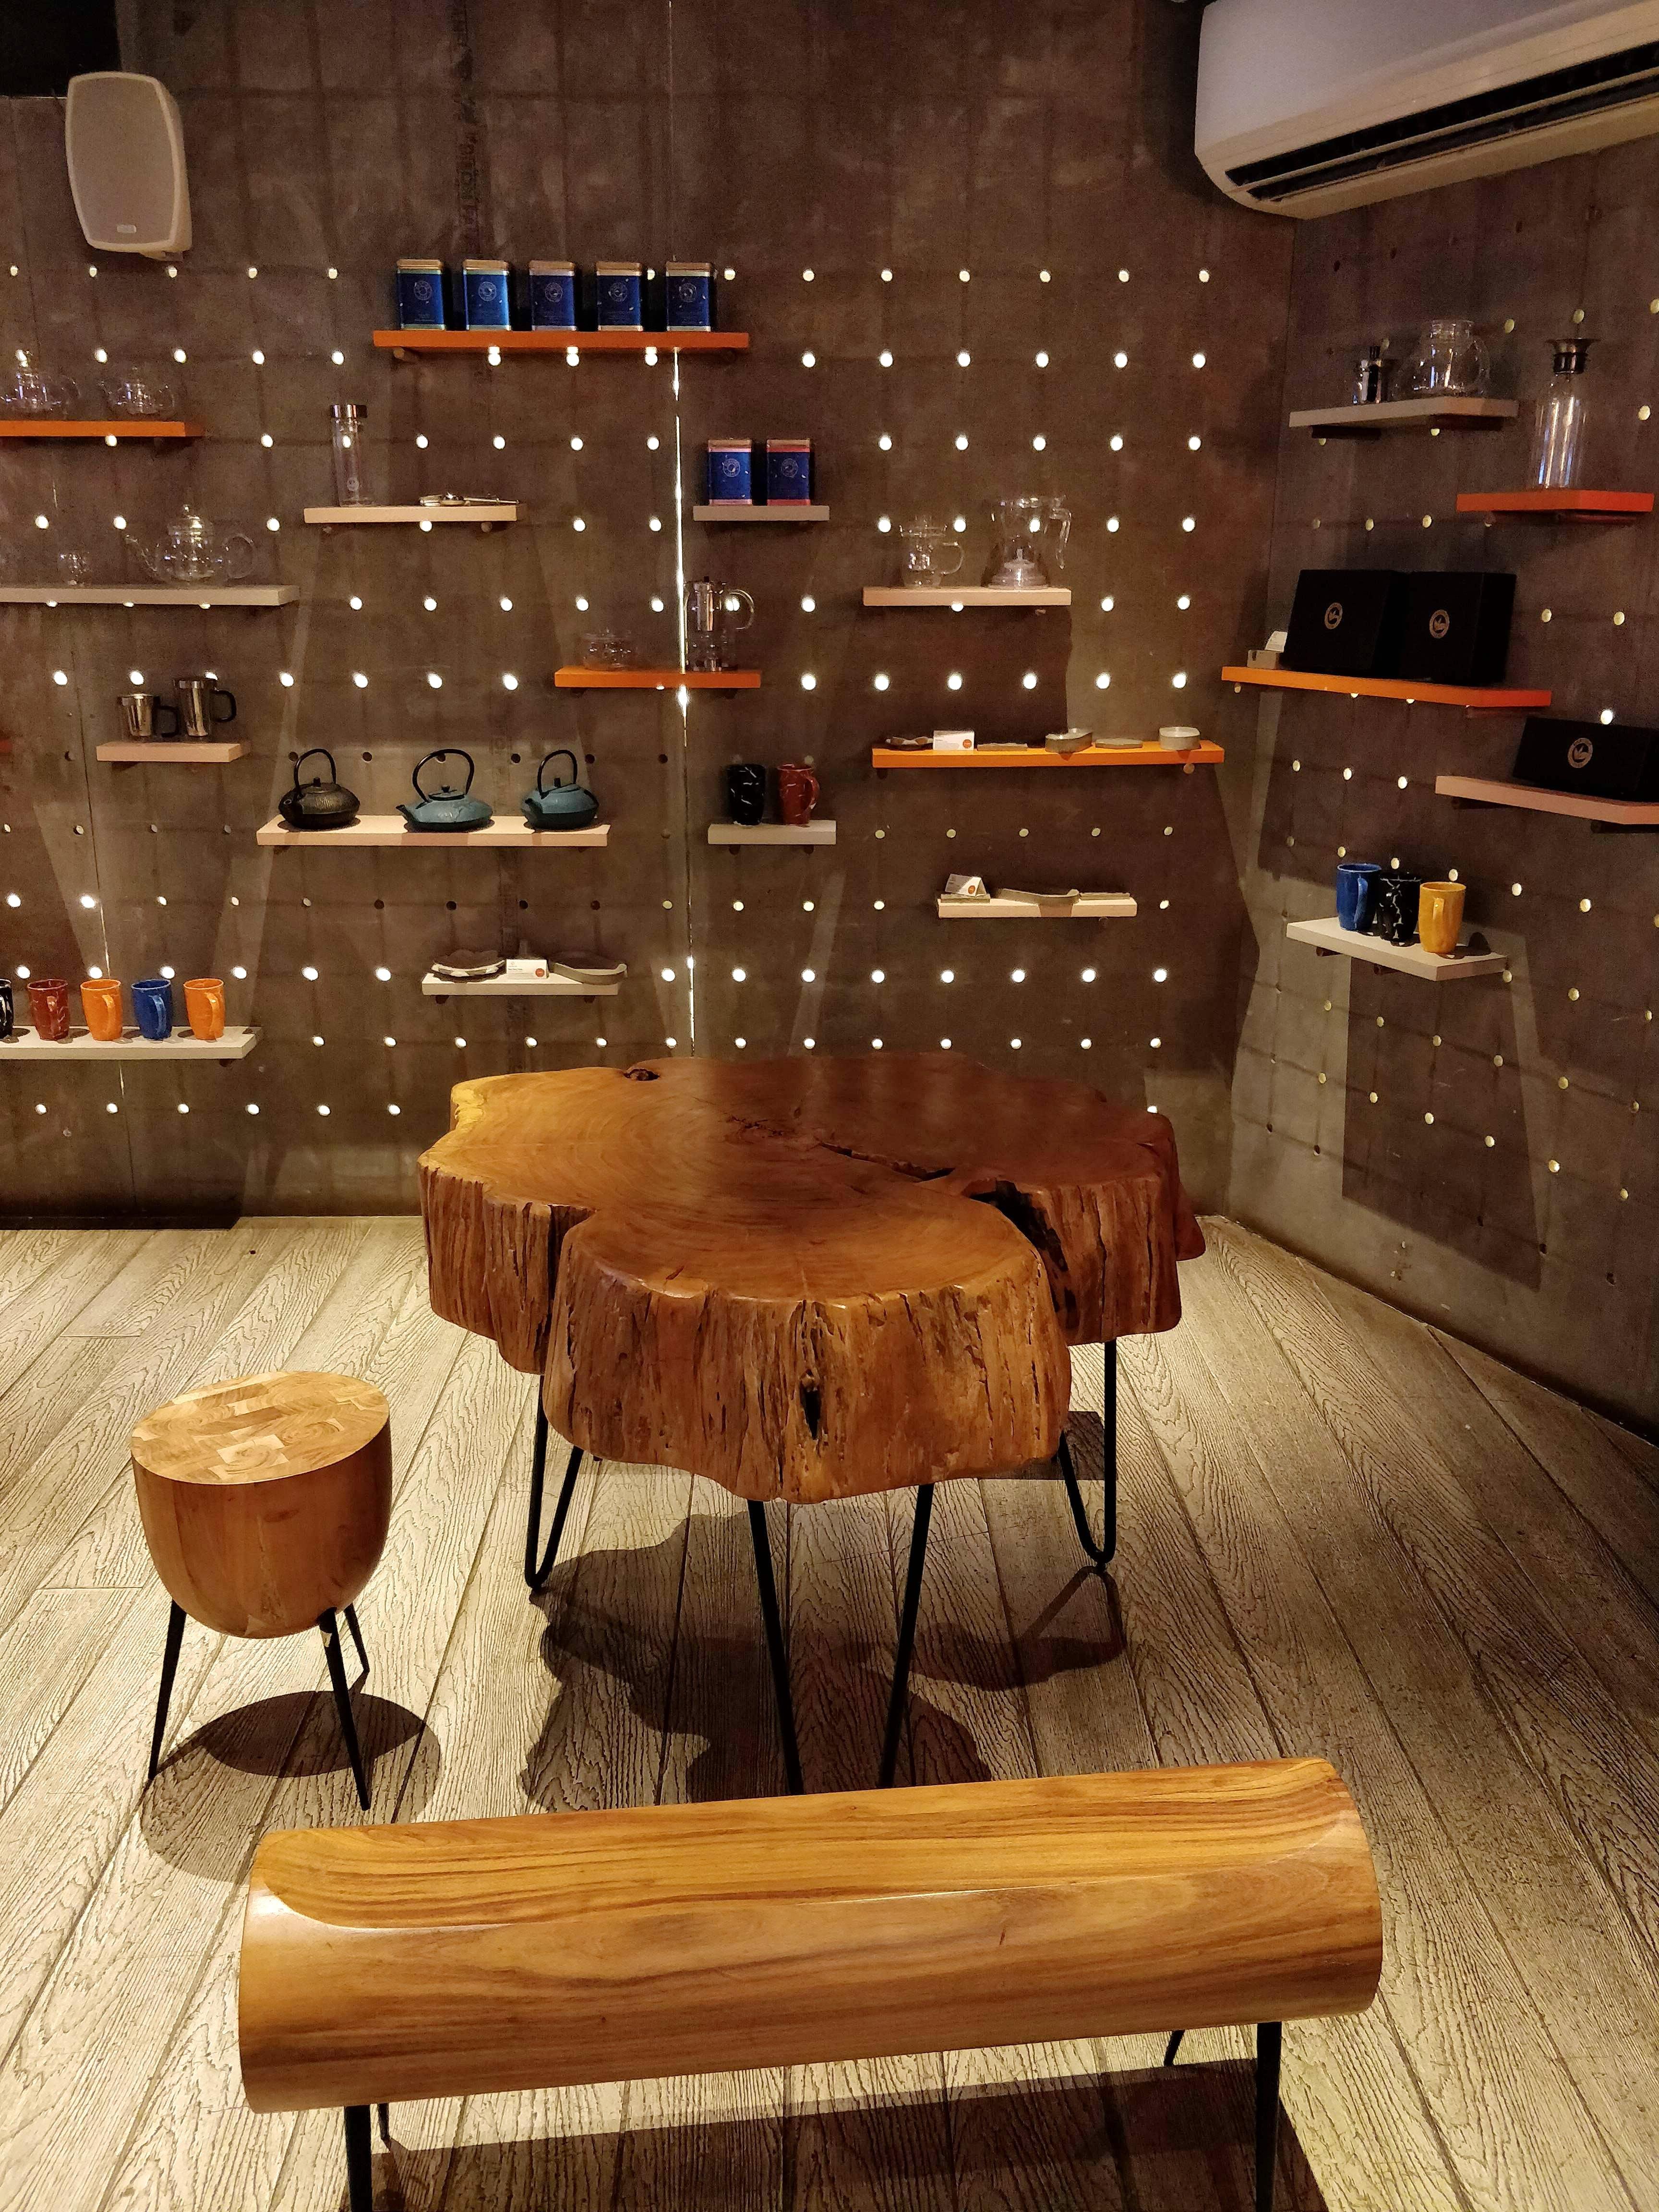 image - Cafe 10.11/12